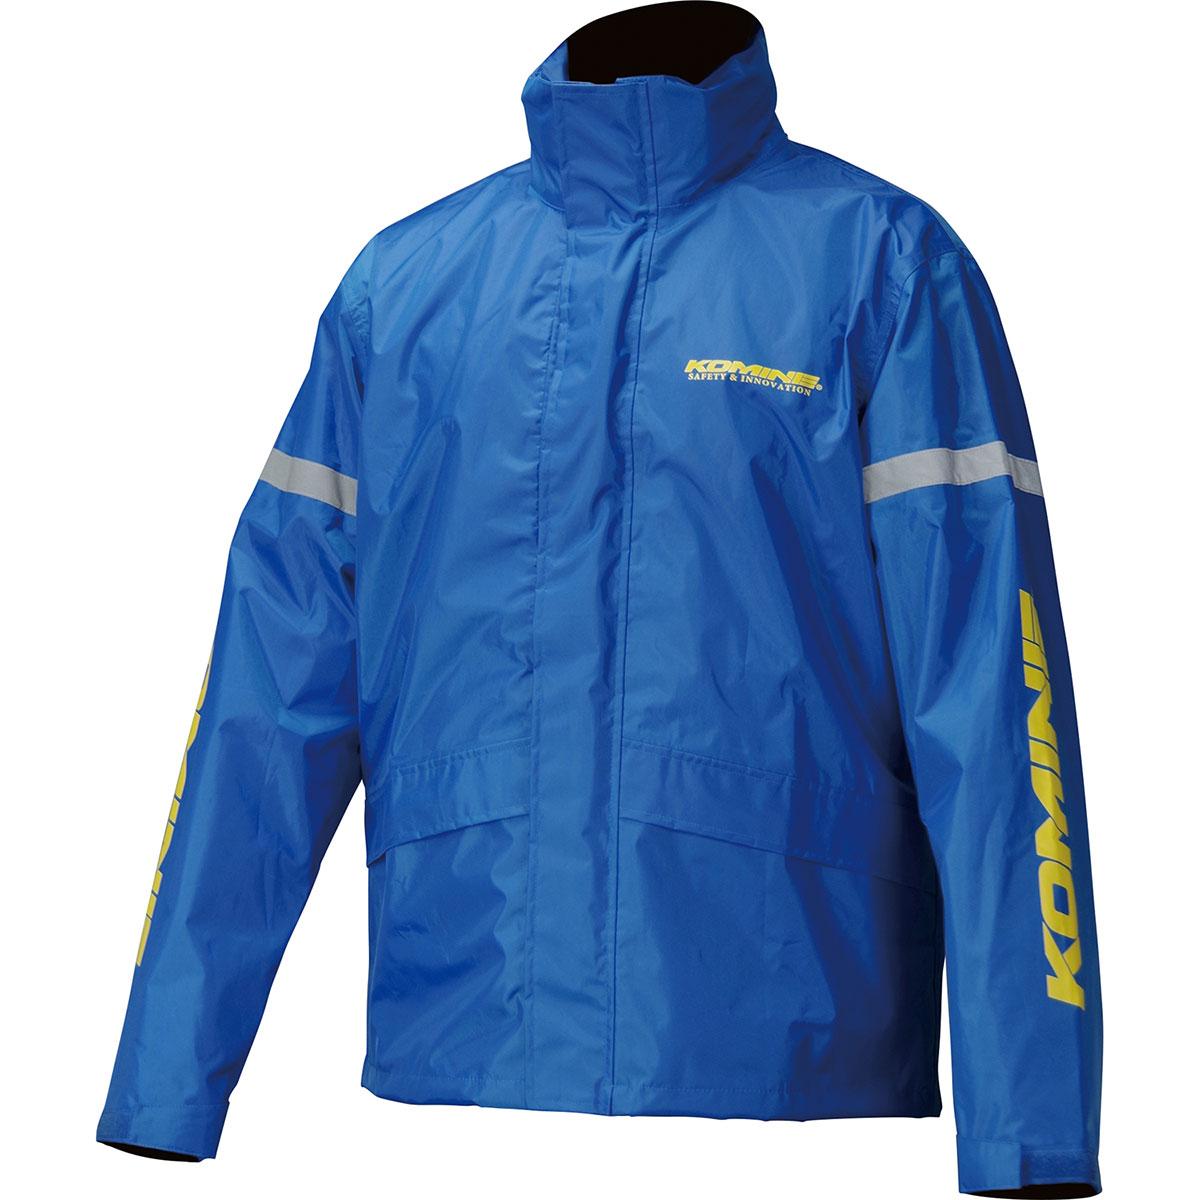 保障 コミネ Komine バイク用 レインギア Rain gear 国内即発送 RK-543 ブルー 03-543 青 3XLB BL 3XLBサイズ STDレインウェア